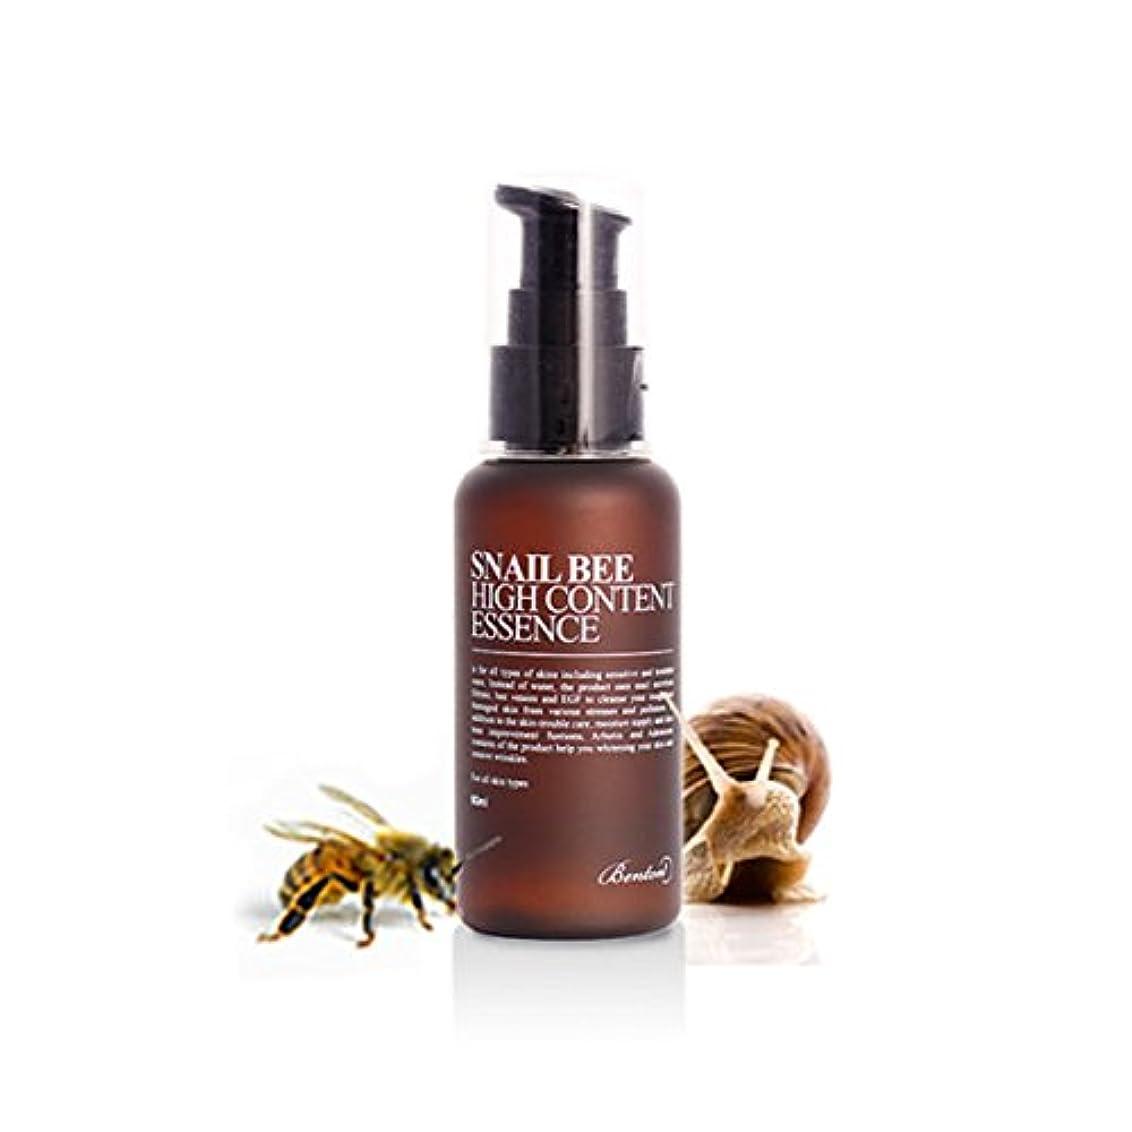 すべき有限画像[ベントン] Benton カタツムリ蜂ハイコンテンツエッセンス Snail Bee High Content Essence 60ml [並行輸入品]